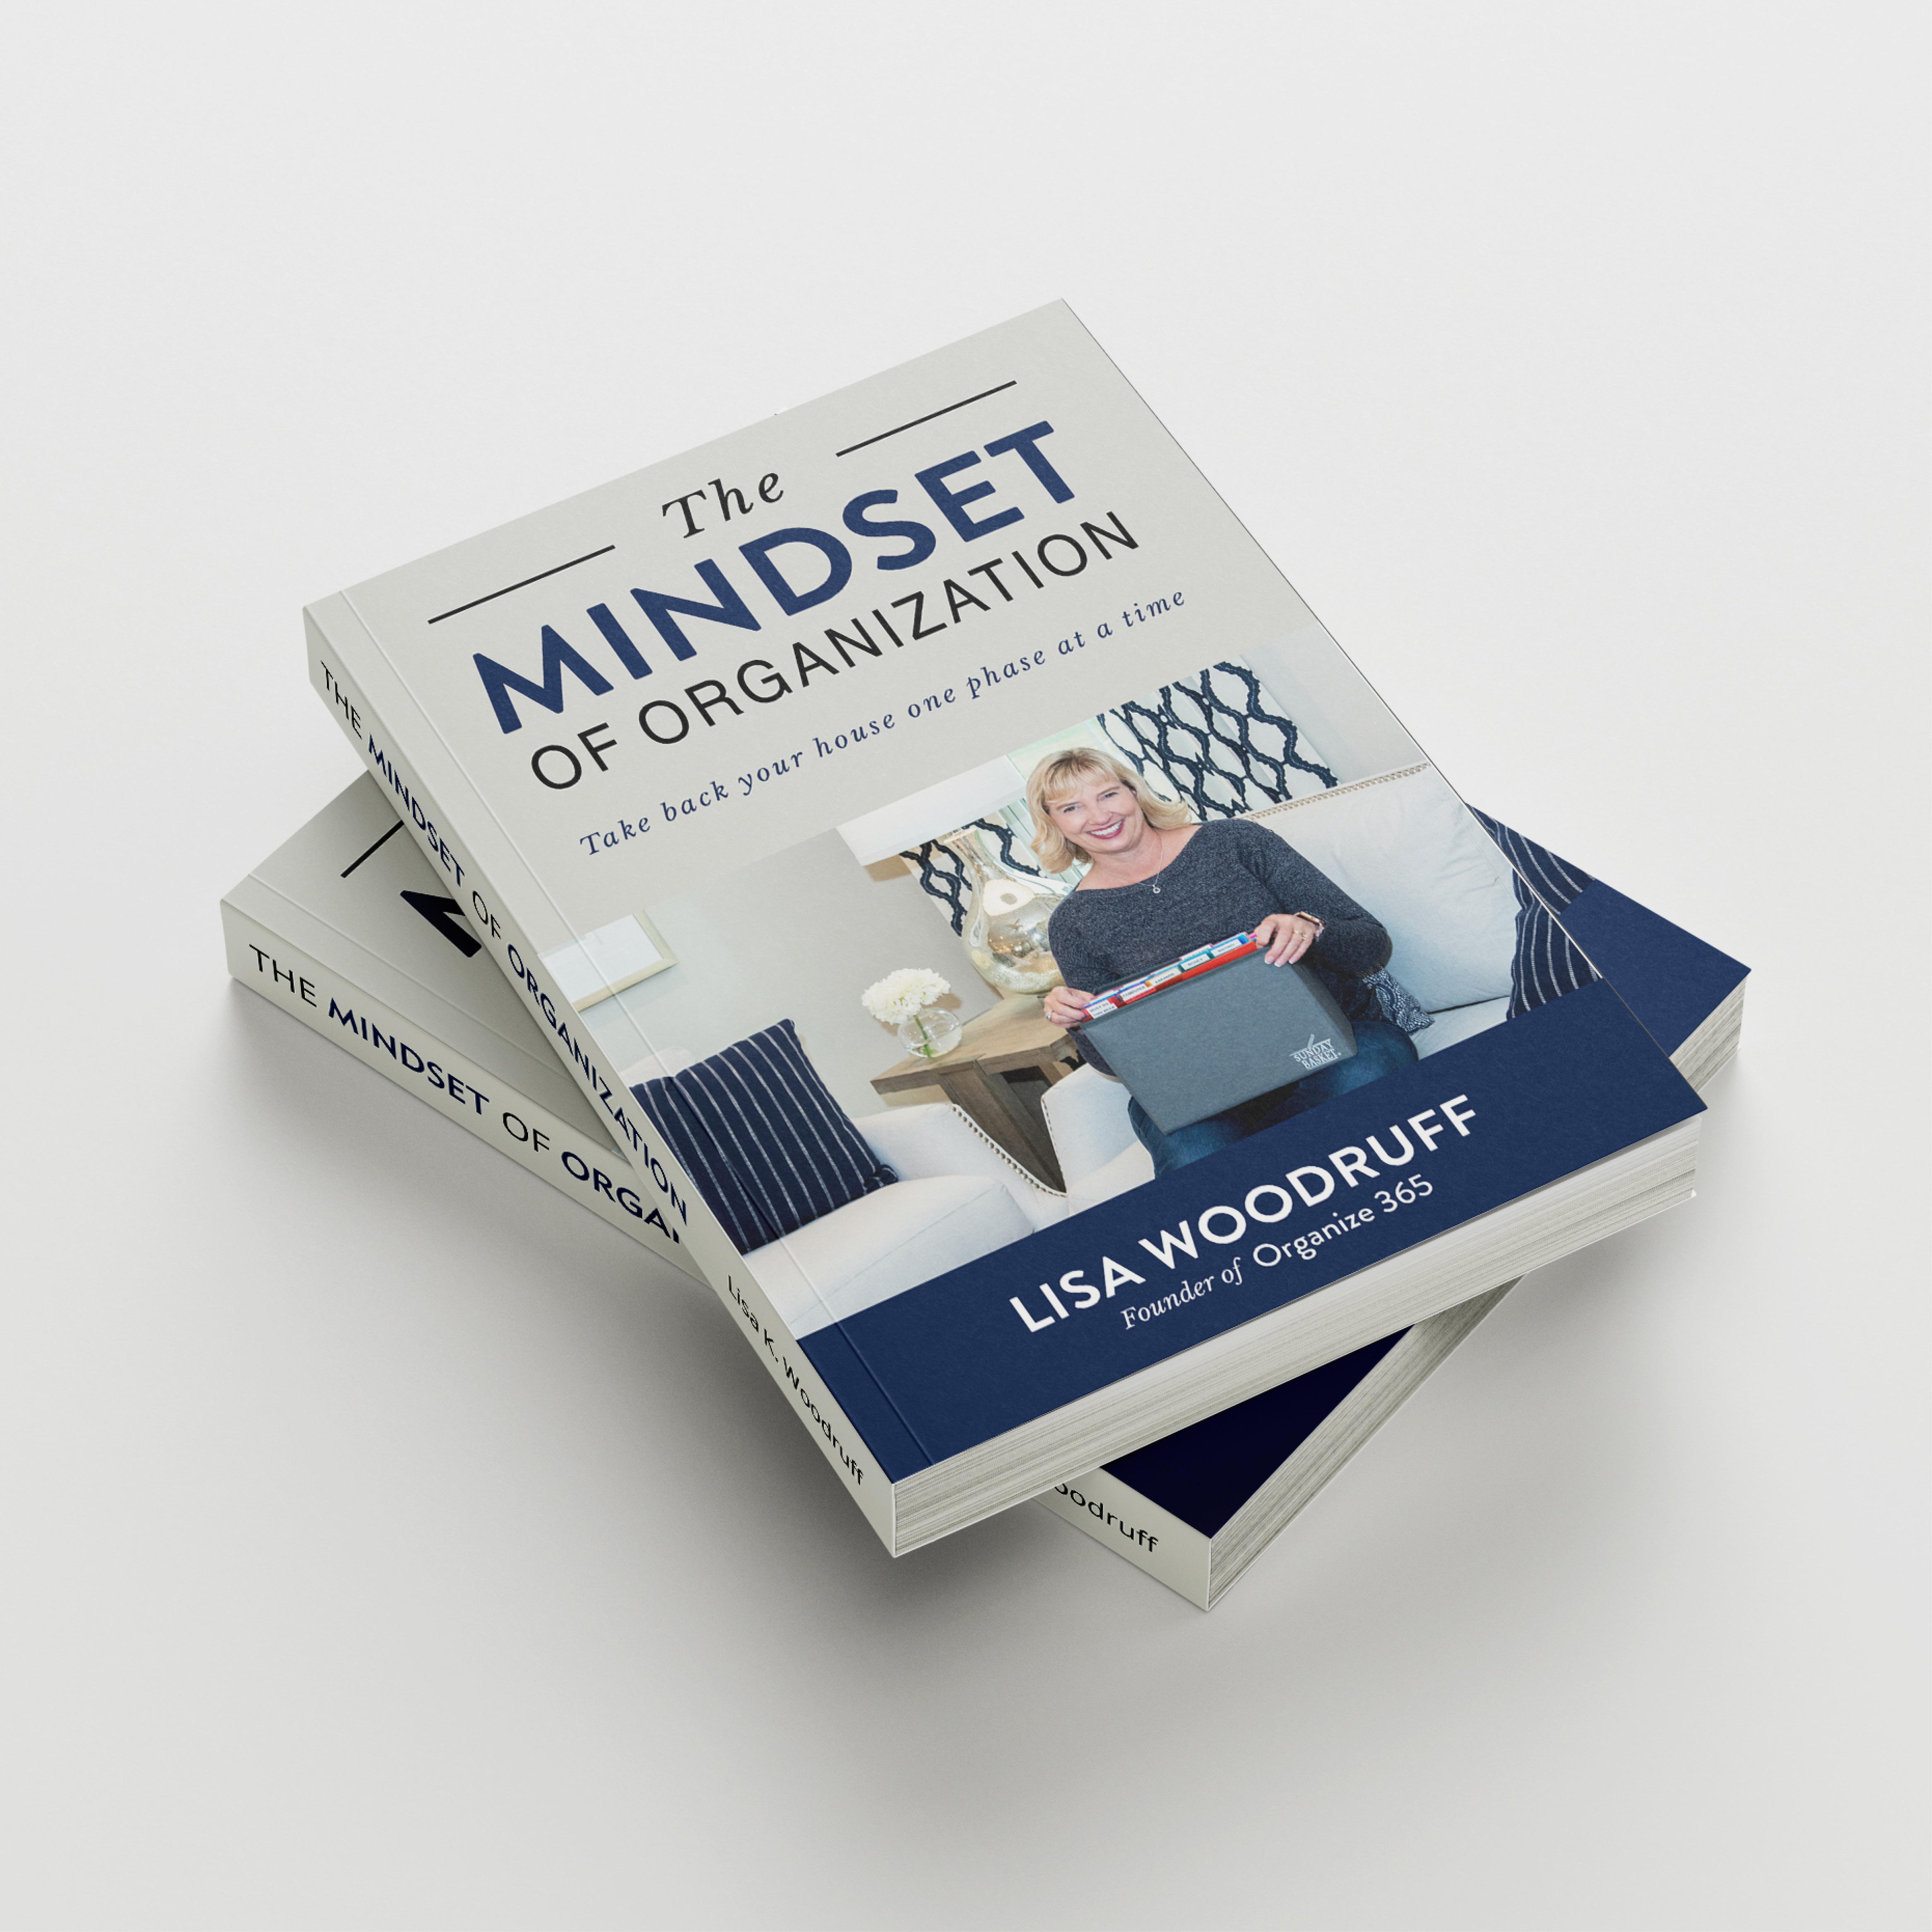 Mindset Of Organization Shop Image